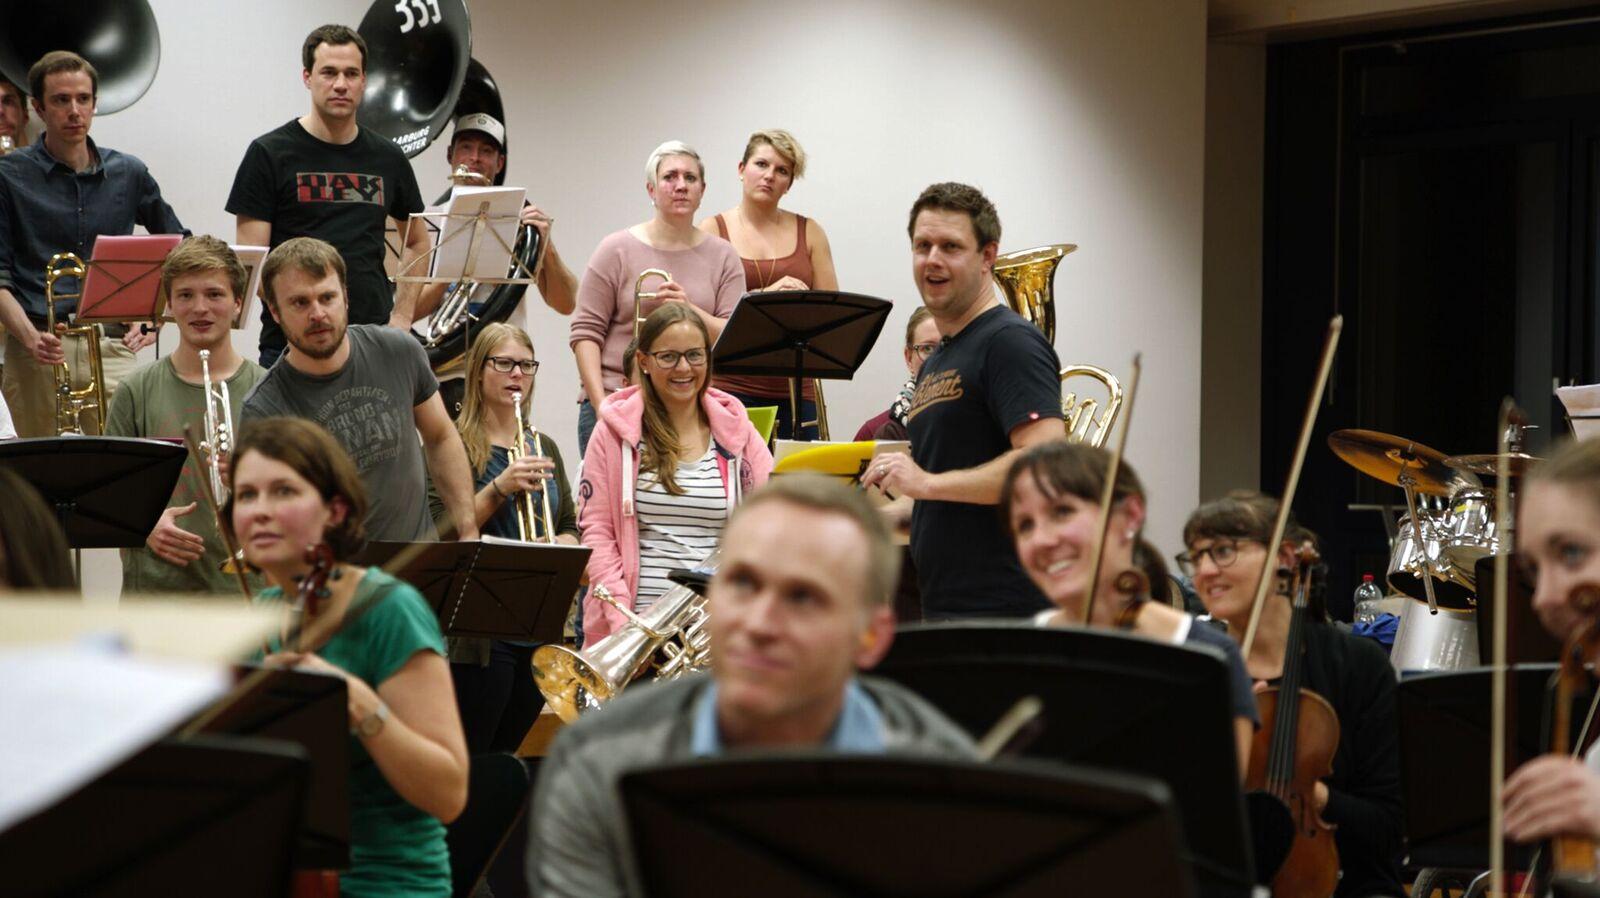 Wie passt das jetzt zusammen? Guggenmusiker und Orchester im Kulturclash.